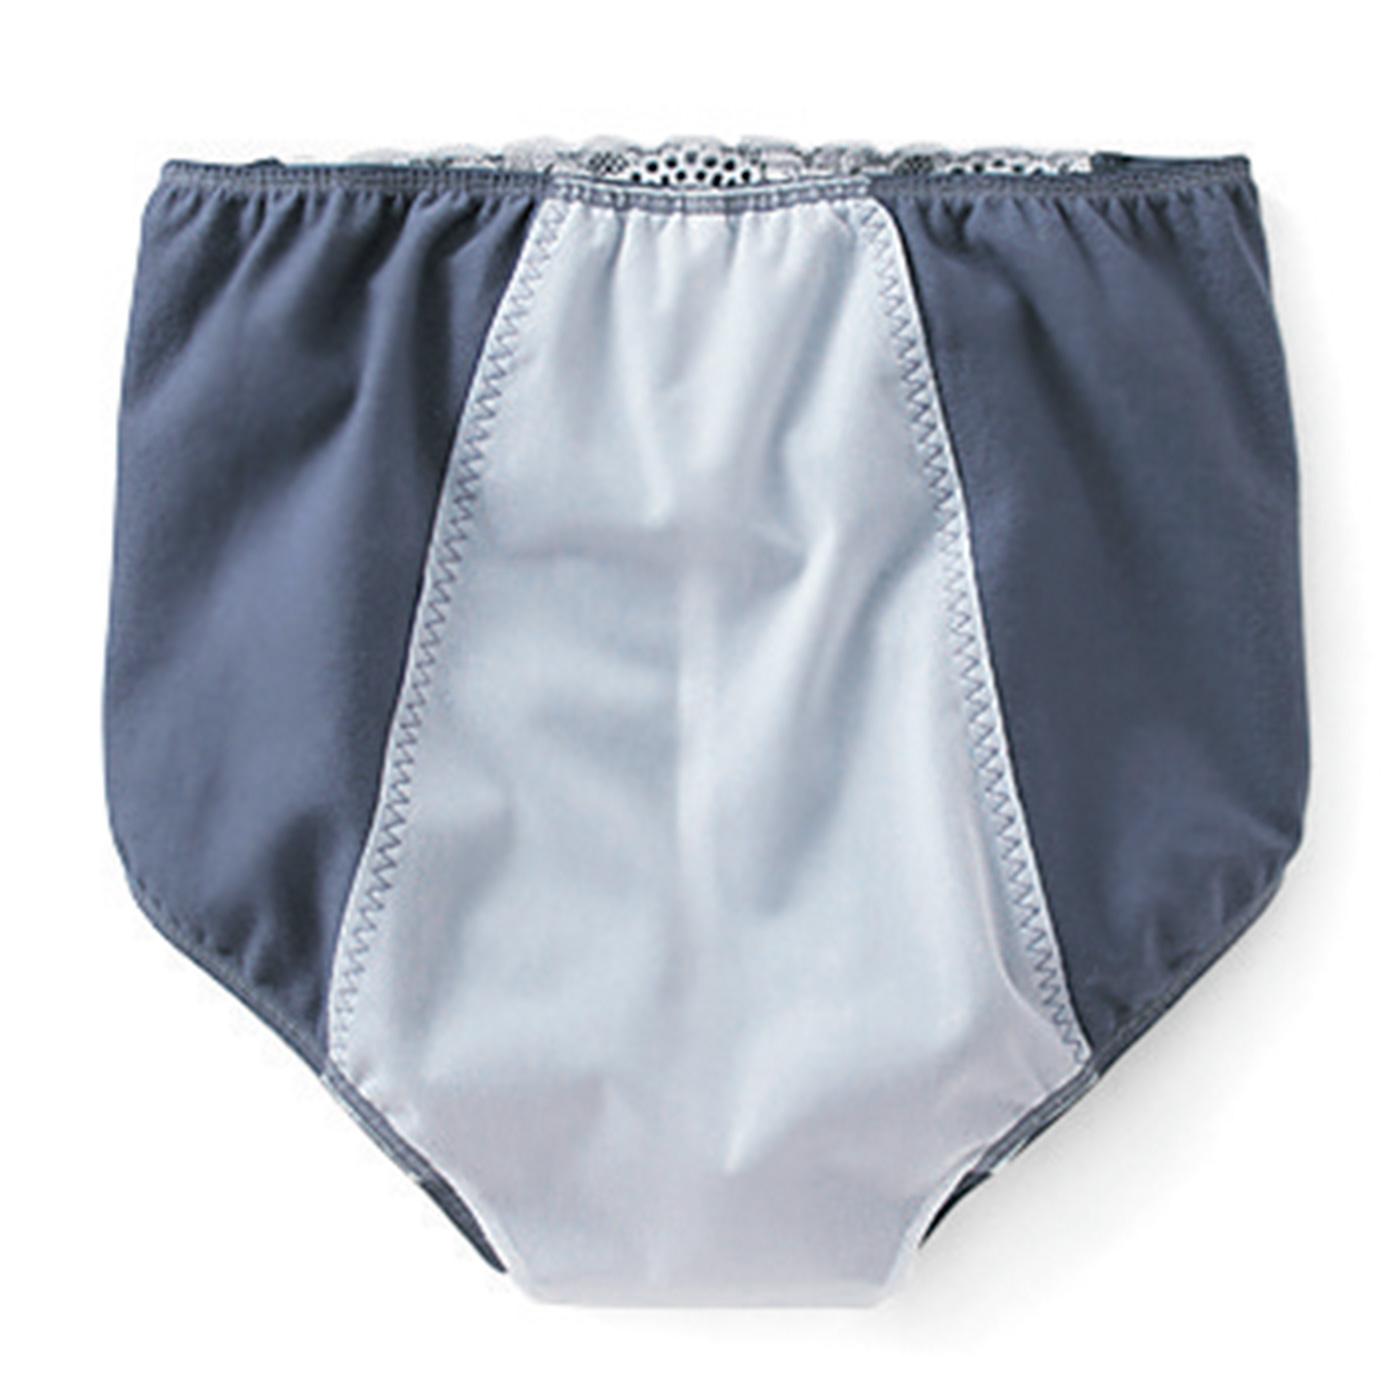 【背面/裏】腰の位置まである防水布で安心。